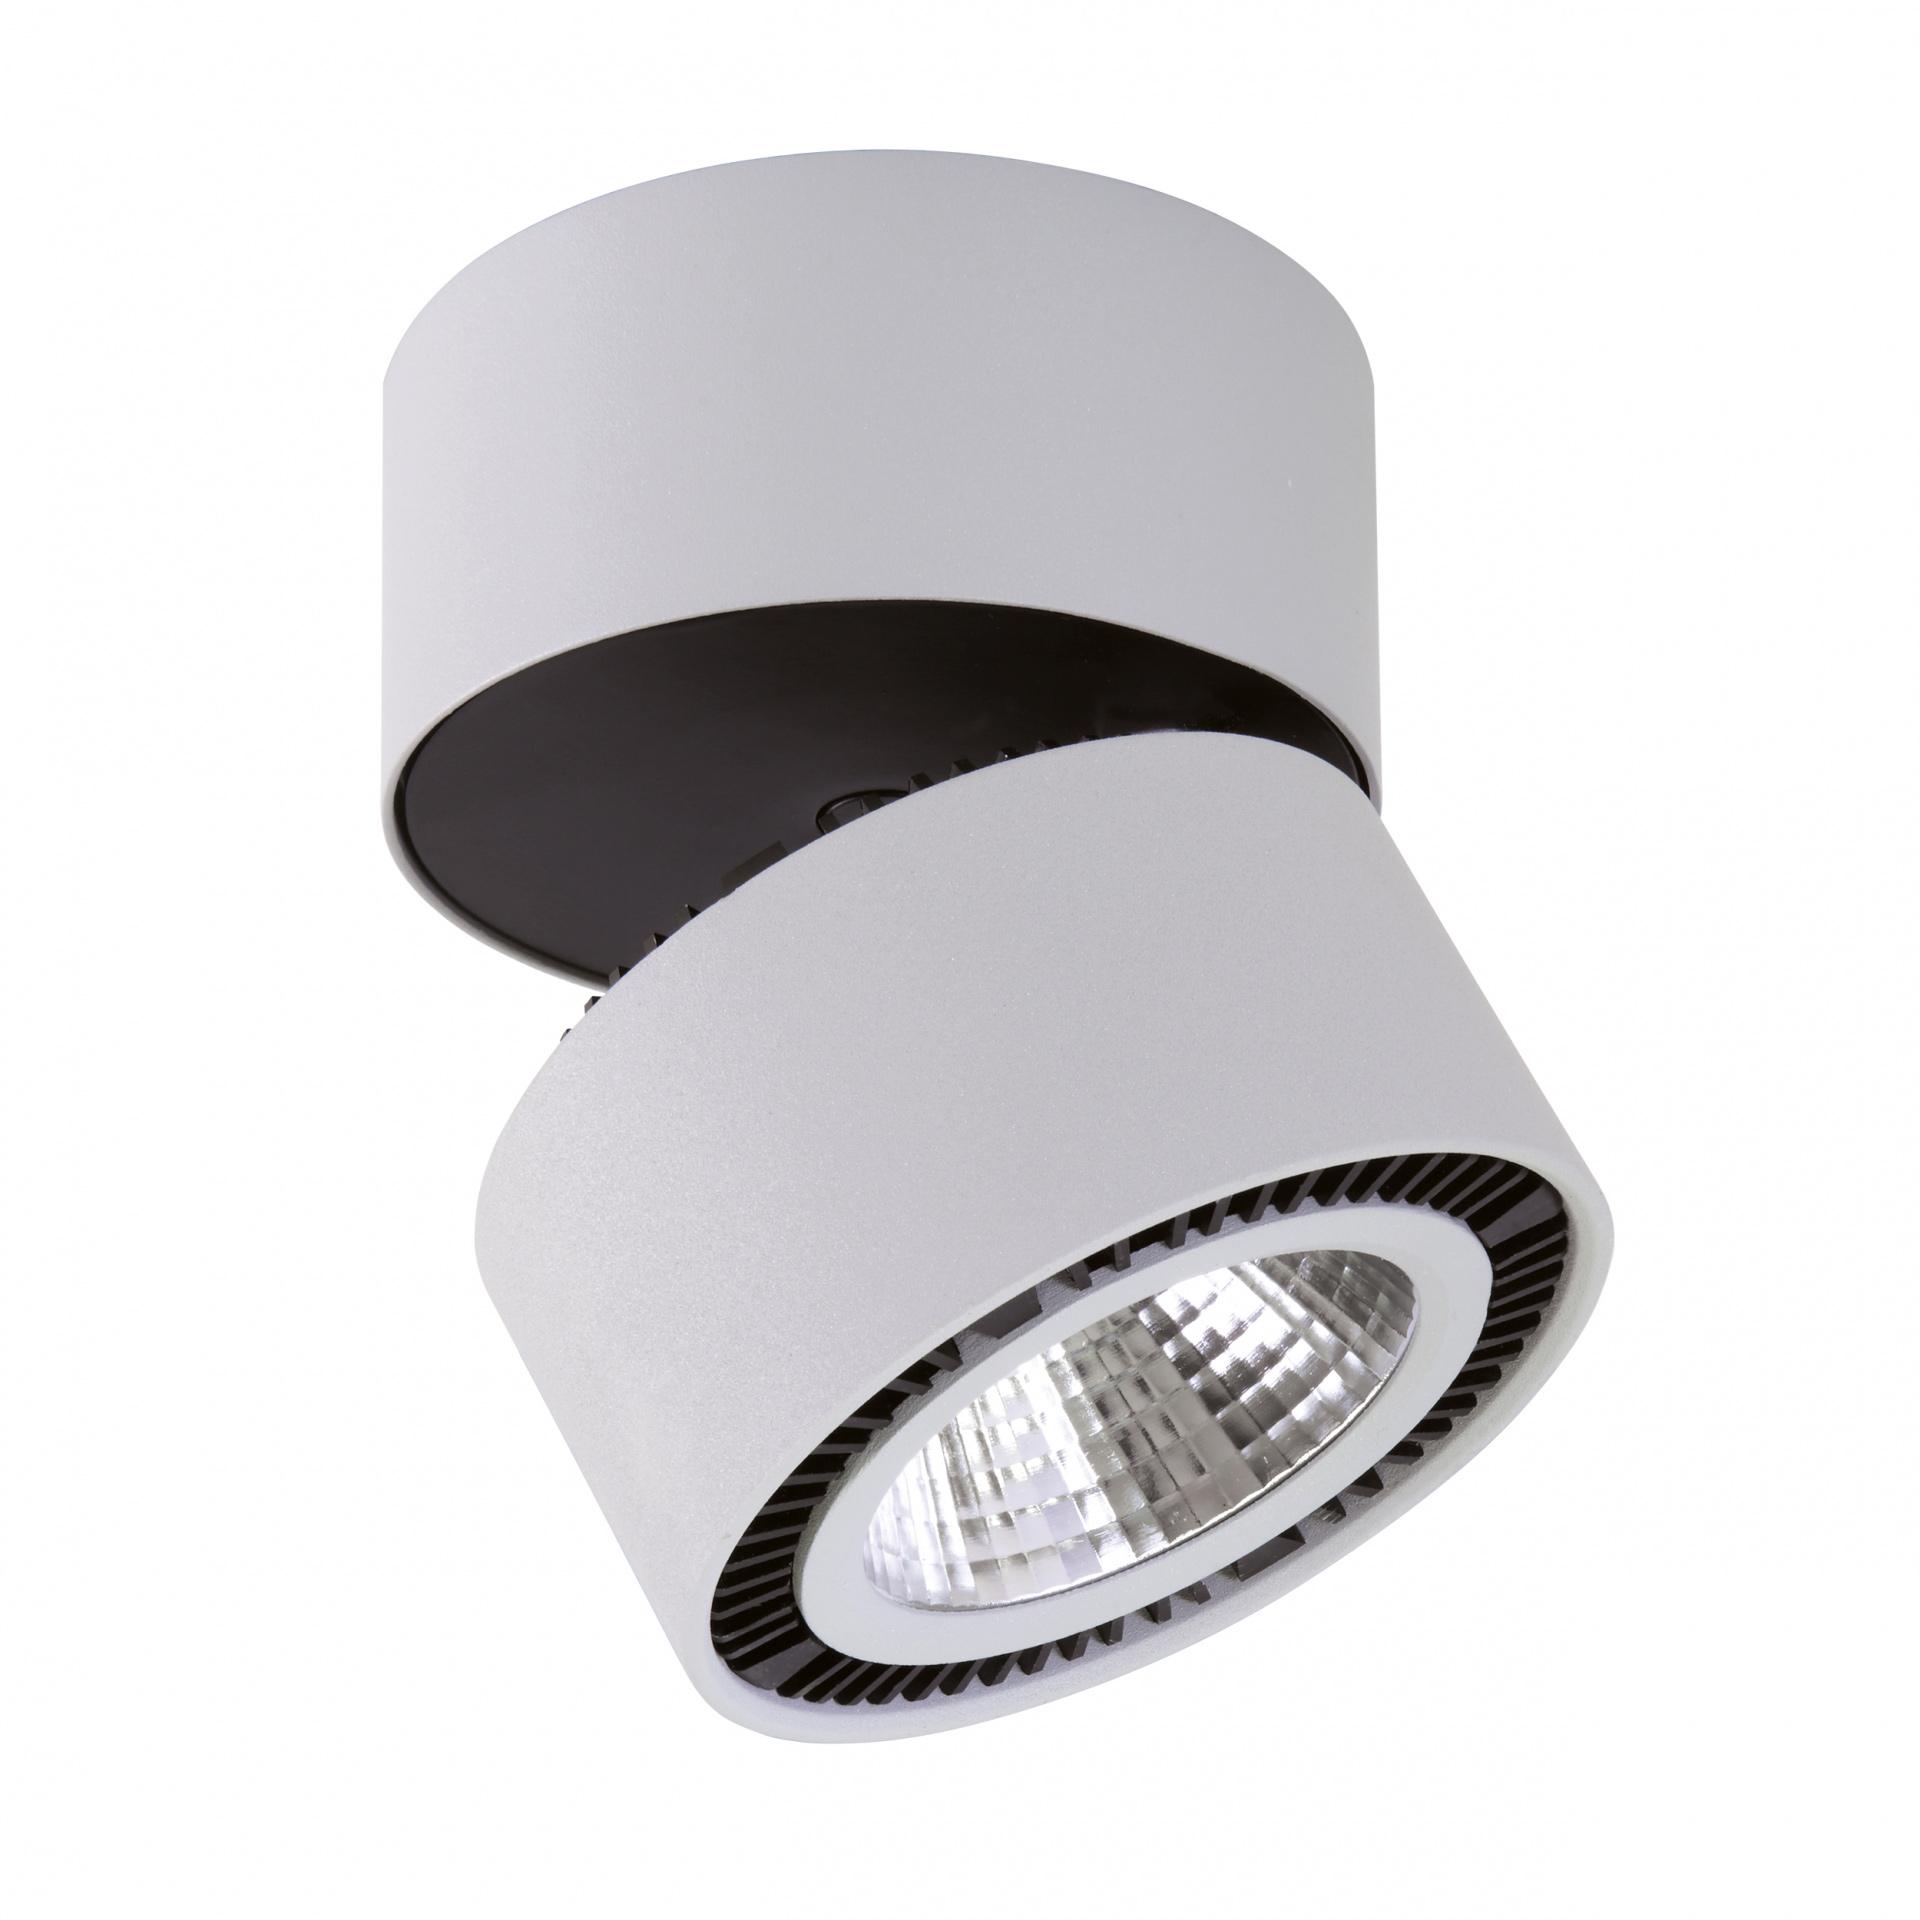 Светильник Forte Muro LED 26W 1950LM 30G серый 4000K Lightstar 214839, купить в СПб, Москве, с доставкой, Санкт-Петербург, интернет-магазин люстр и светильников Starlight, фото в жизни